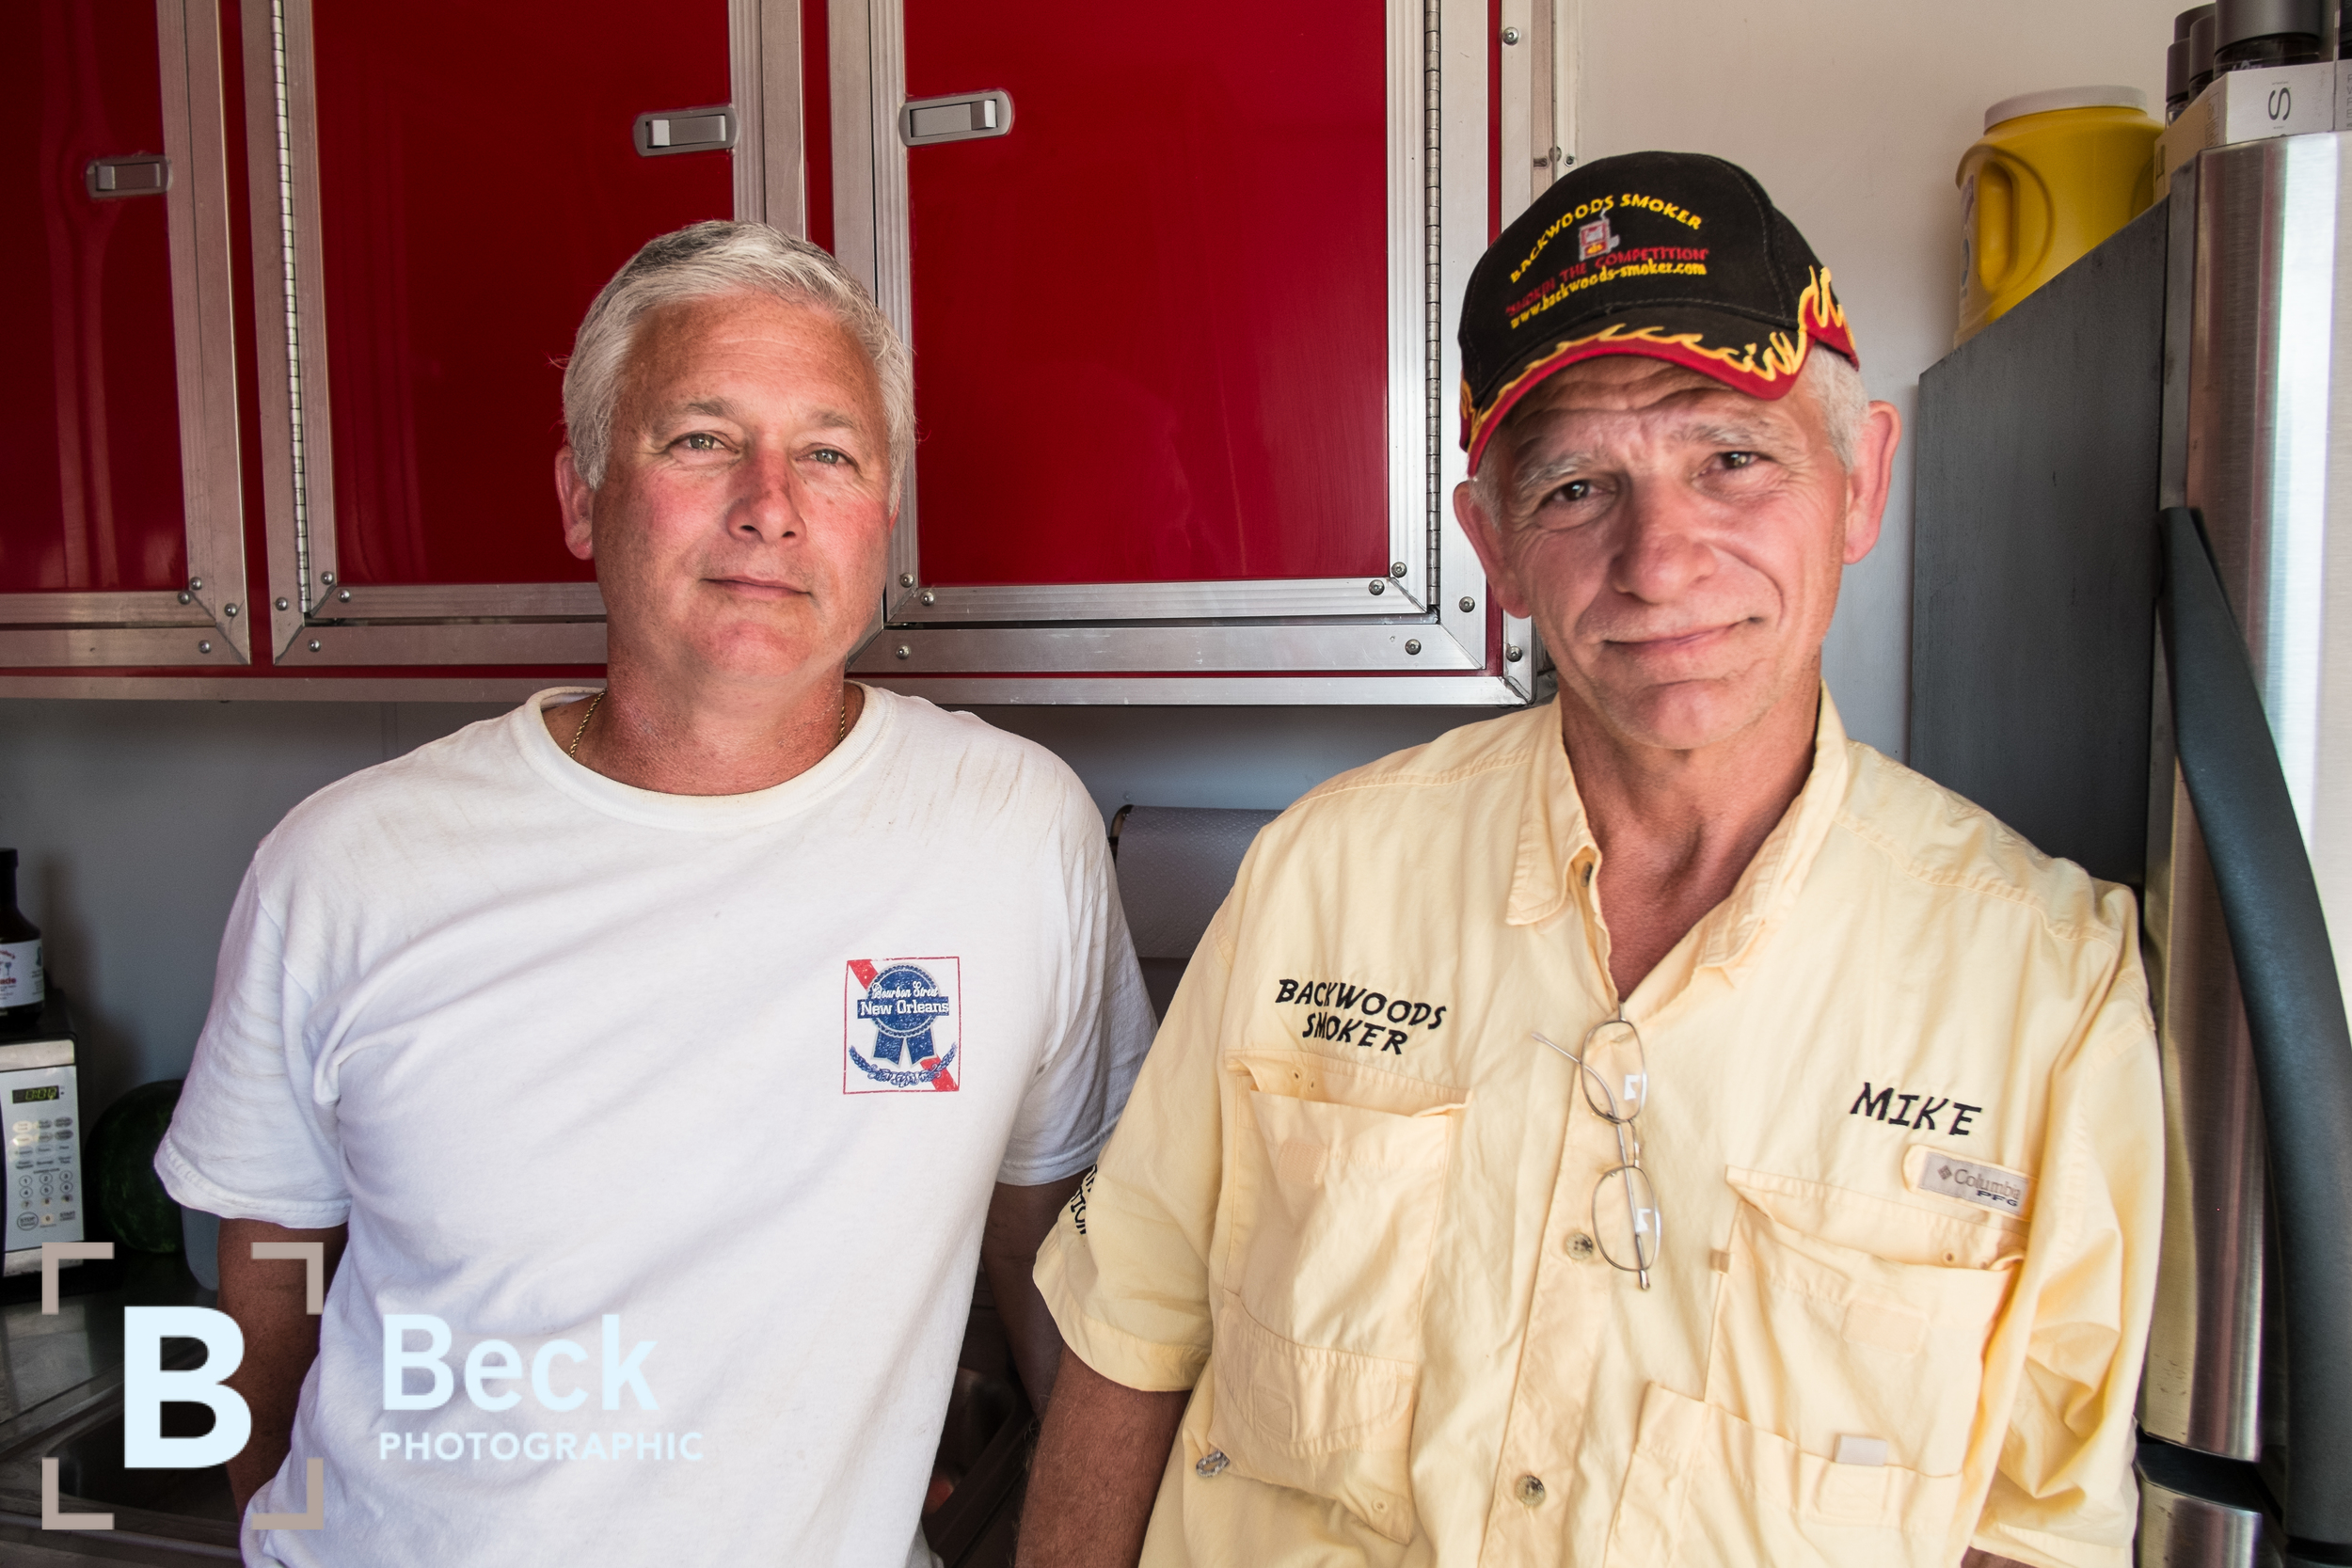 Fireman John and The Backwoods Smoker